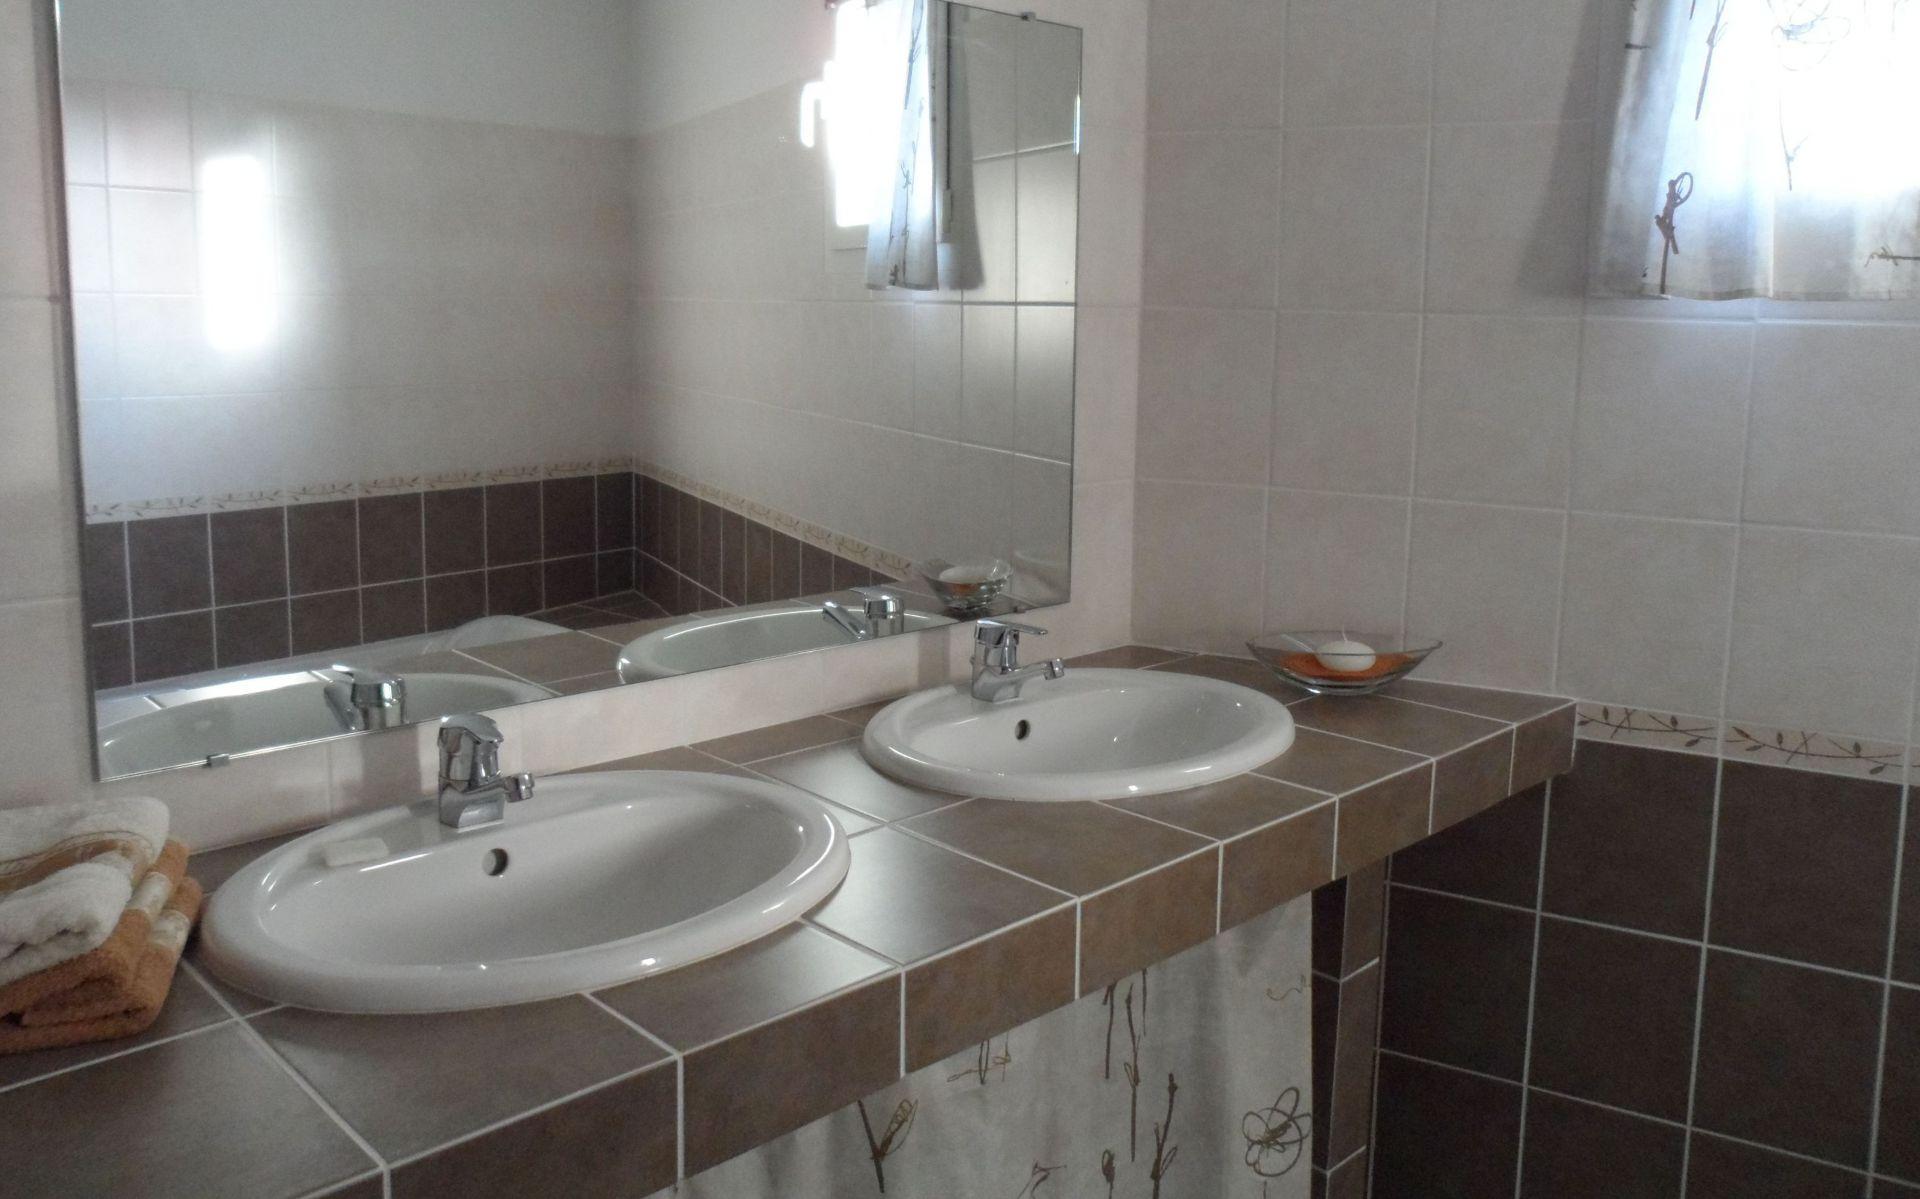 salle de bains salle d 39 eau gite l 39 arde 39 chti 5 12 personnes. Black Bedroom Furniture Sets. Home Design Ideas